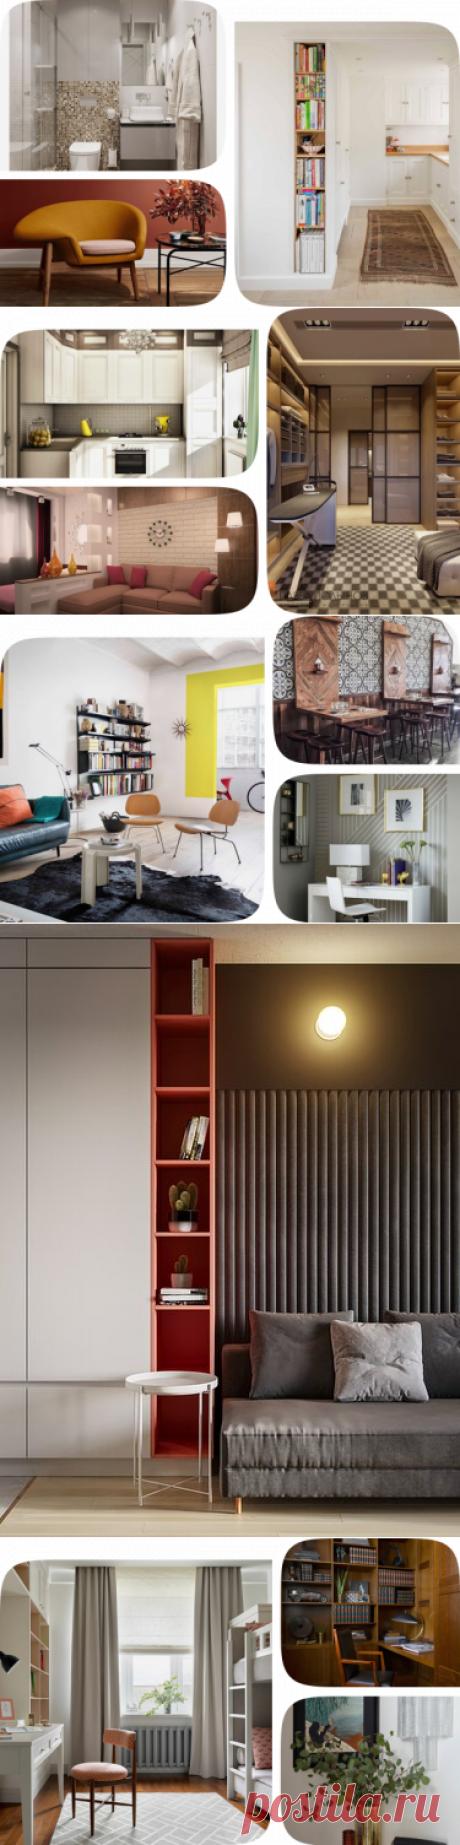 30 карточек в коллекции «Дизайн крошечной квартиры в серых оттенках» пользователя pravila-design в Яндекс.Коллекциях